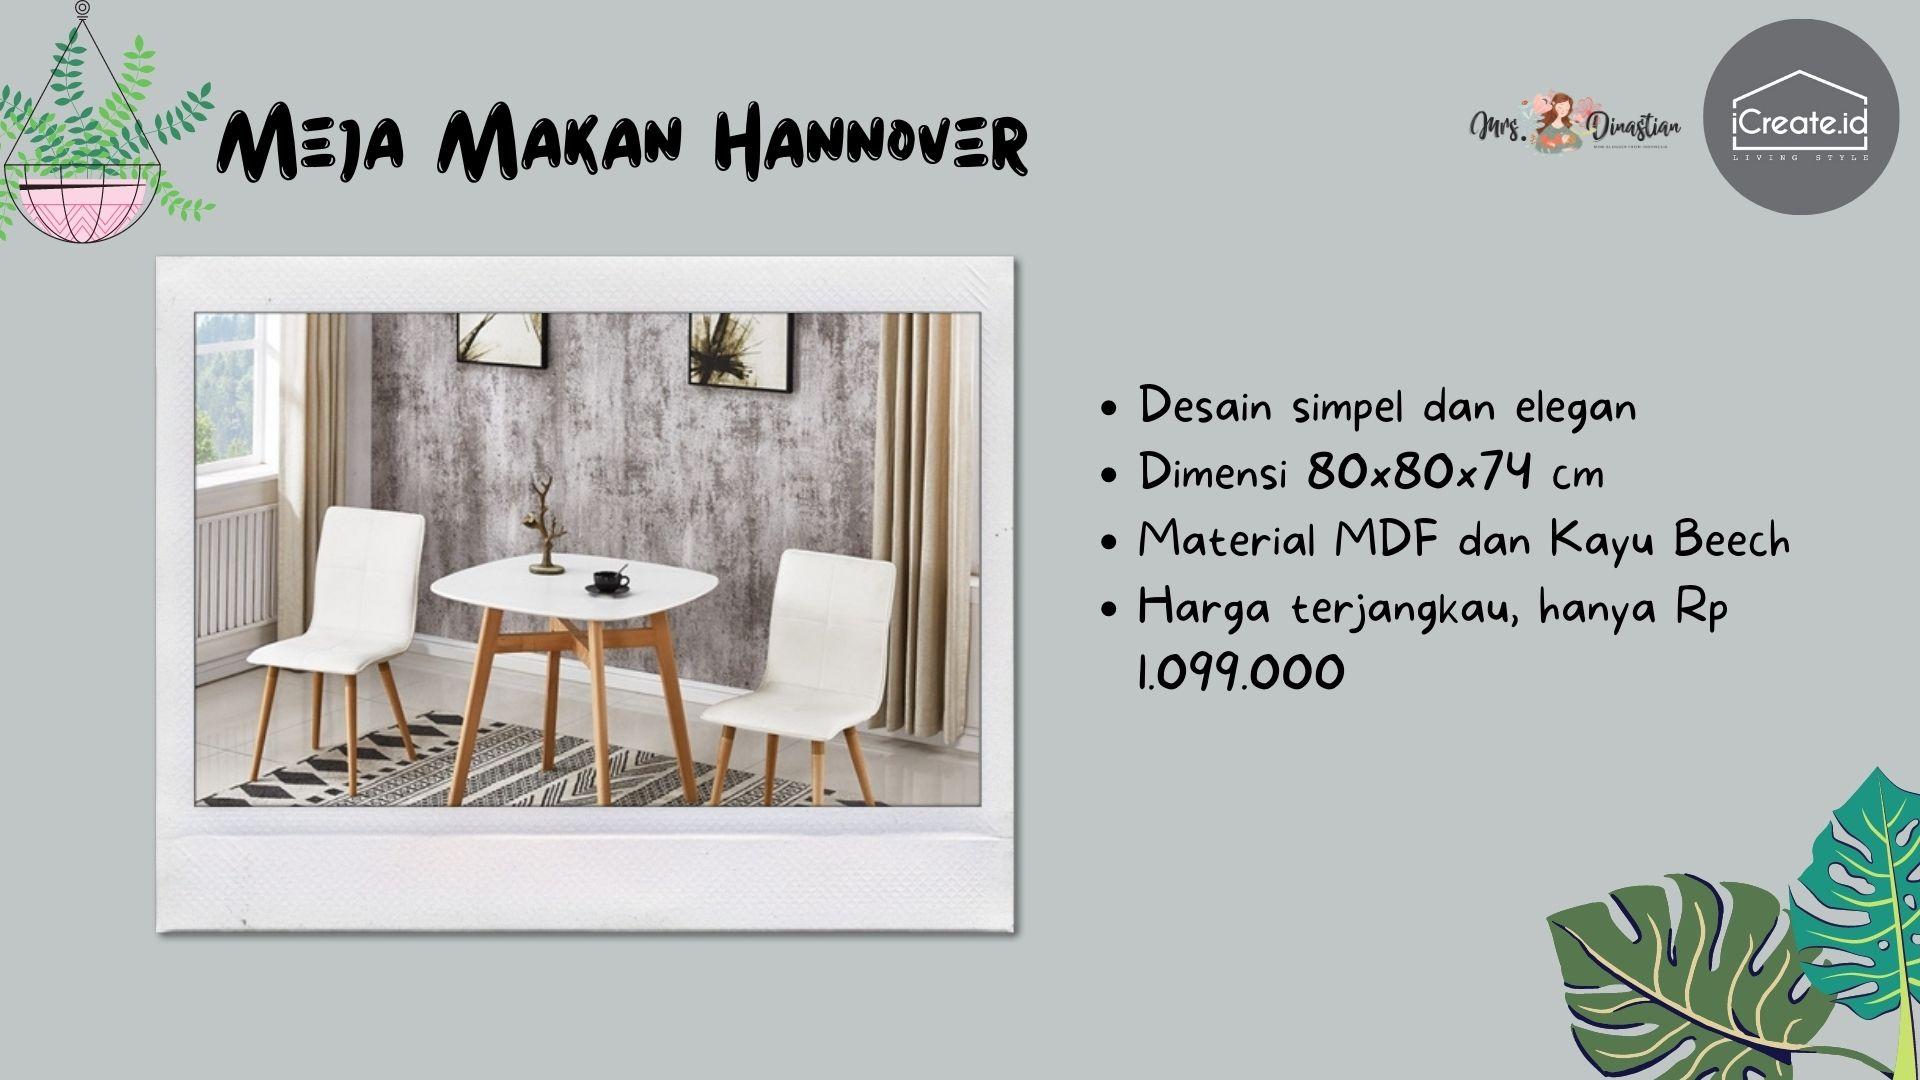 Hannover Meja Makan Minimalis iCreate.id